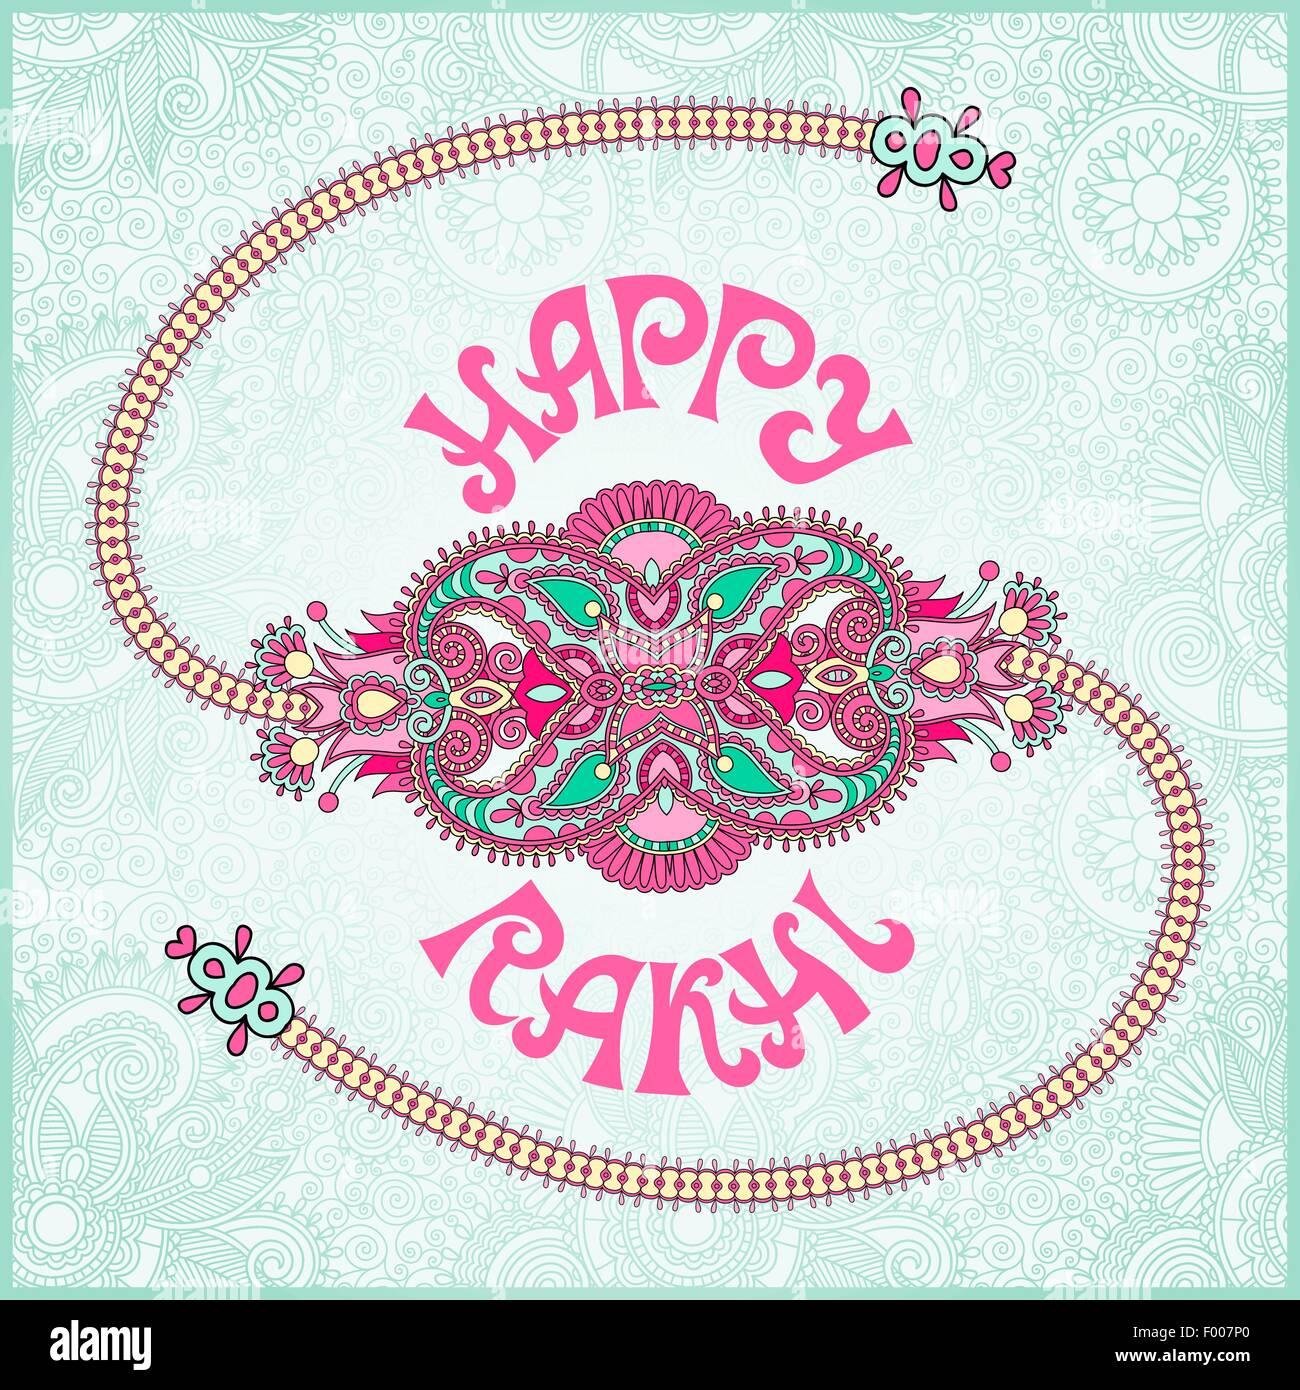 Happy Rakhi Greeting Card For Indian Holiday Raksha Bandhan Stock